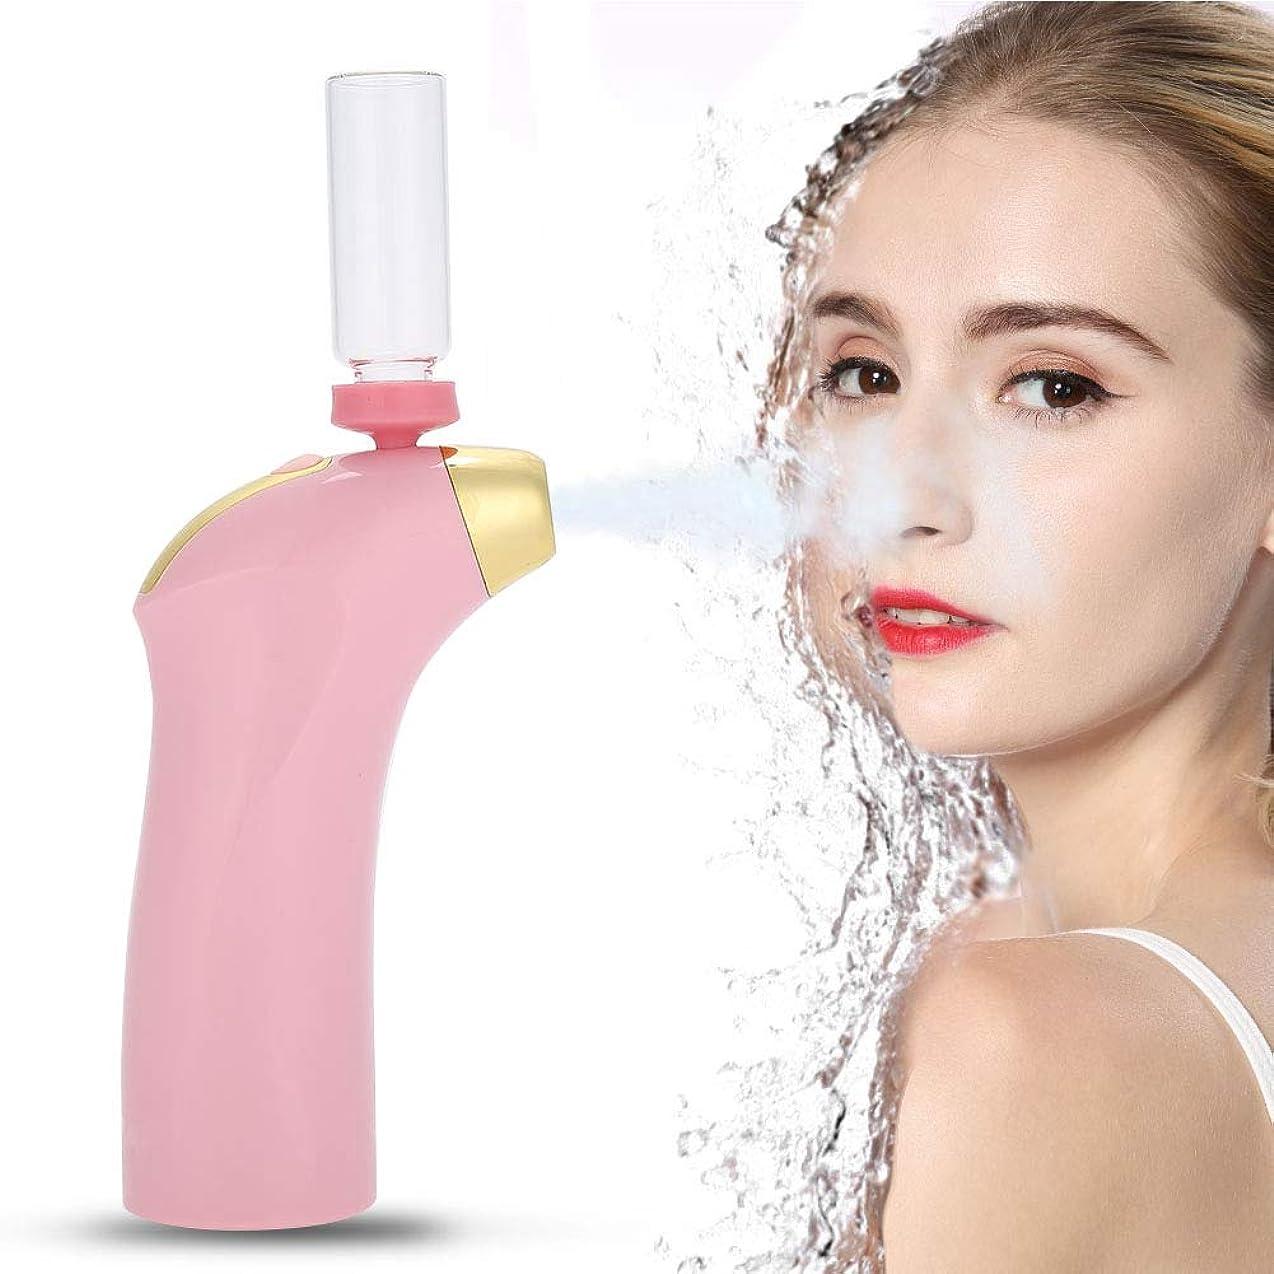 オートしてはいけませんスポンジ専門の酸素の注入のスプレーガン - 顔の皮の若返りの美機械、顔の美の器械、引き締まる皮は、肌の色合い、色素形成を改善します